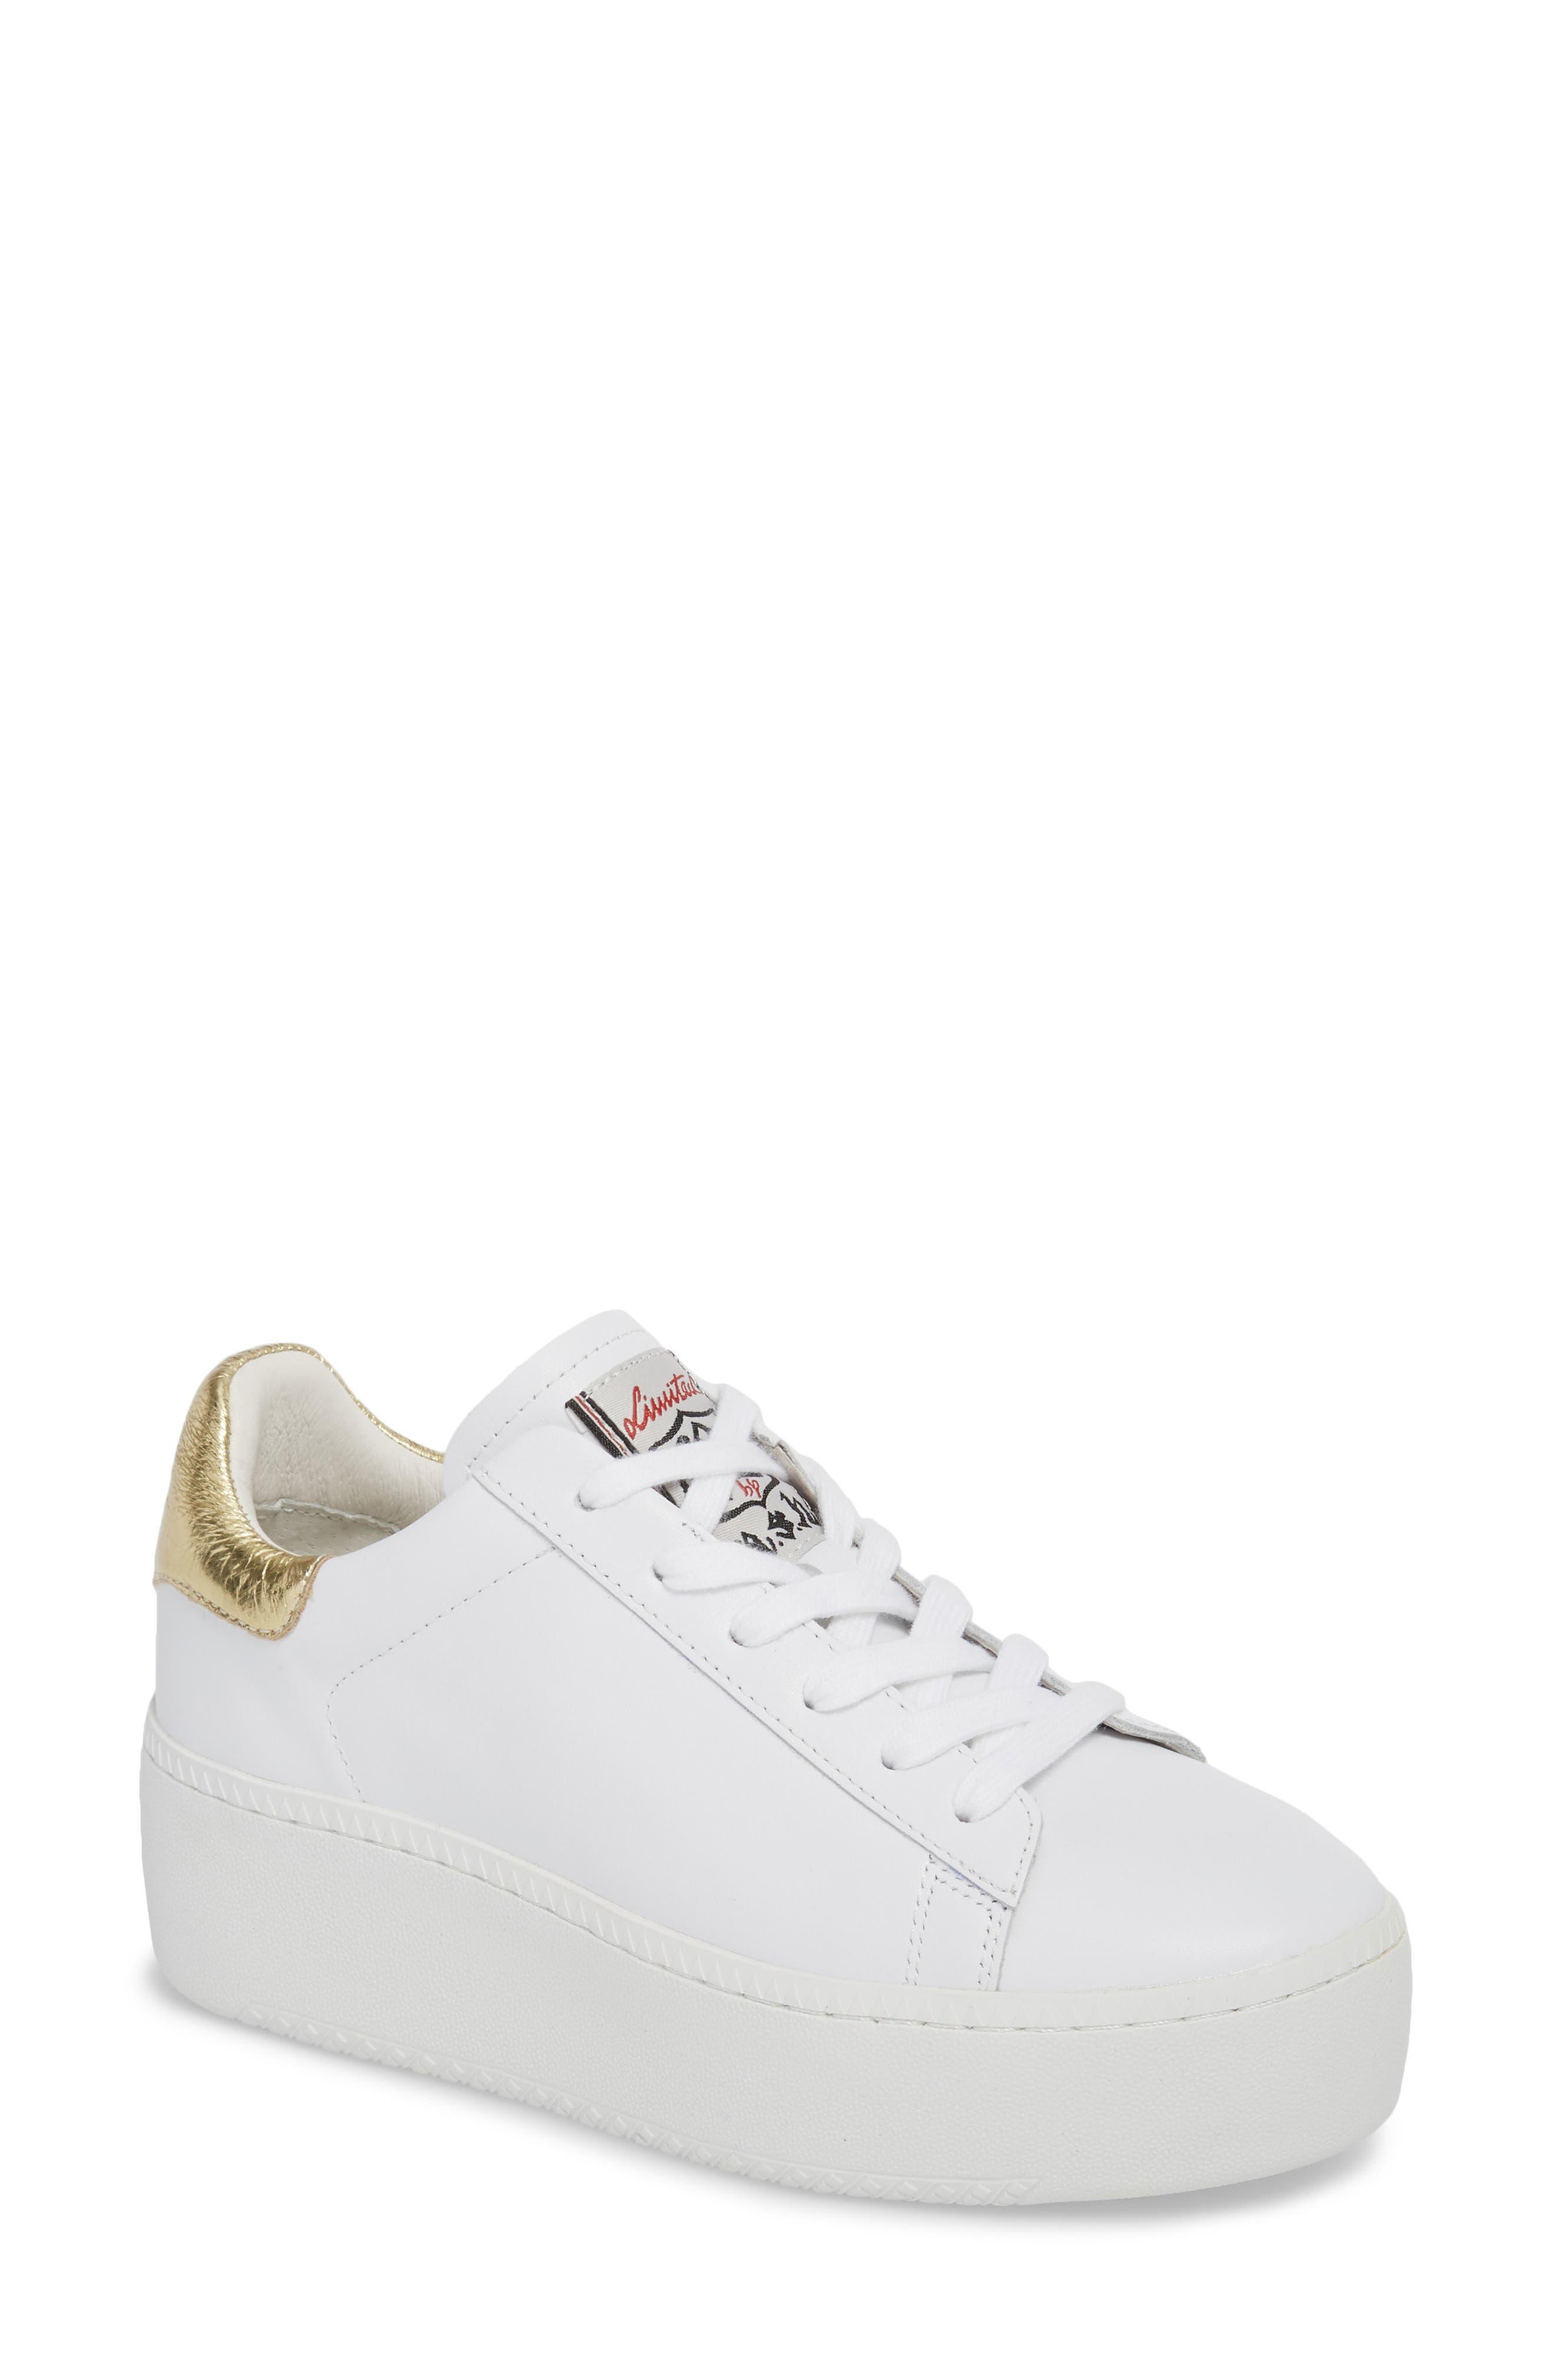 Cult Platform Sneaker,                         Main,                         color, White/ Ariel